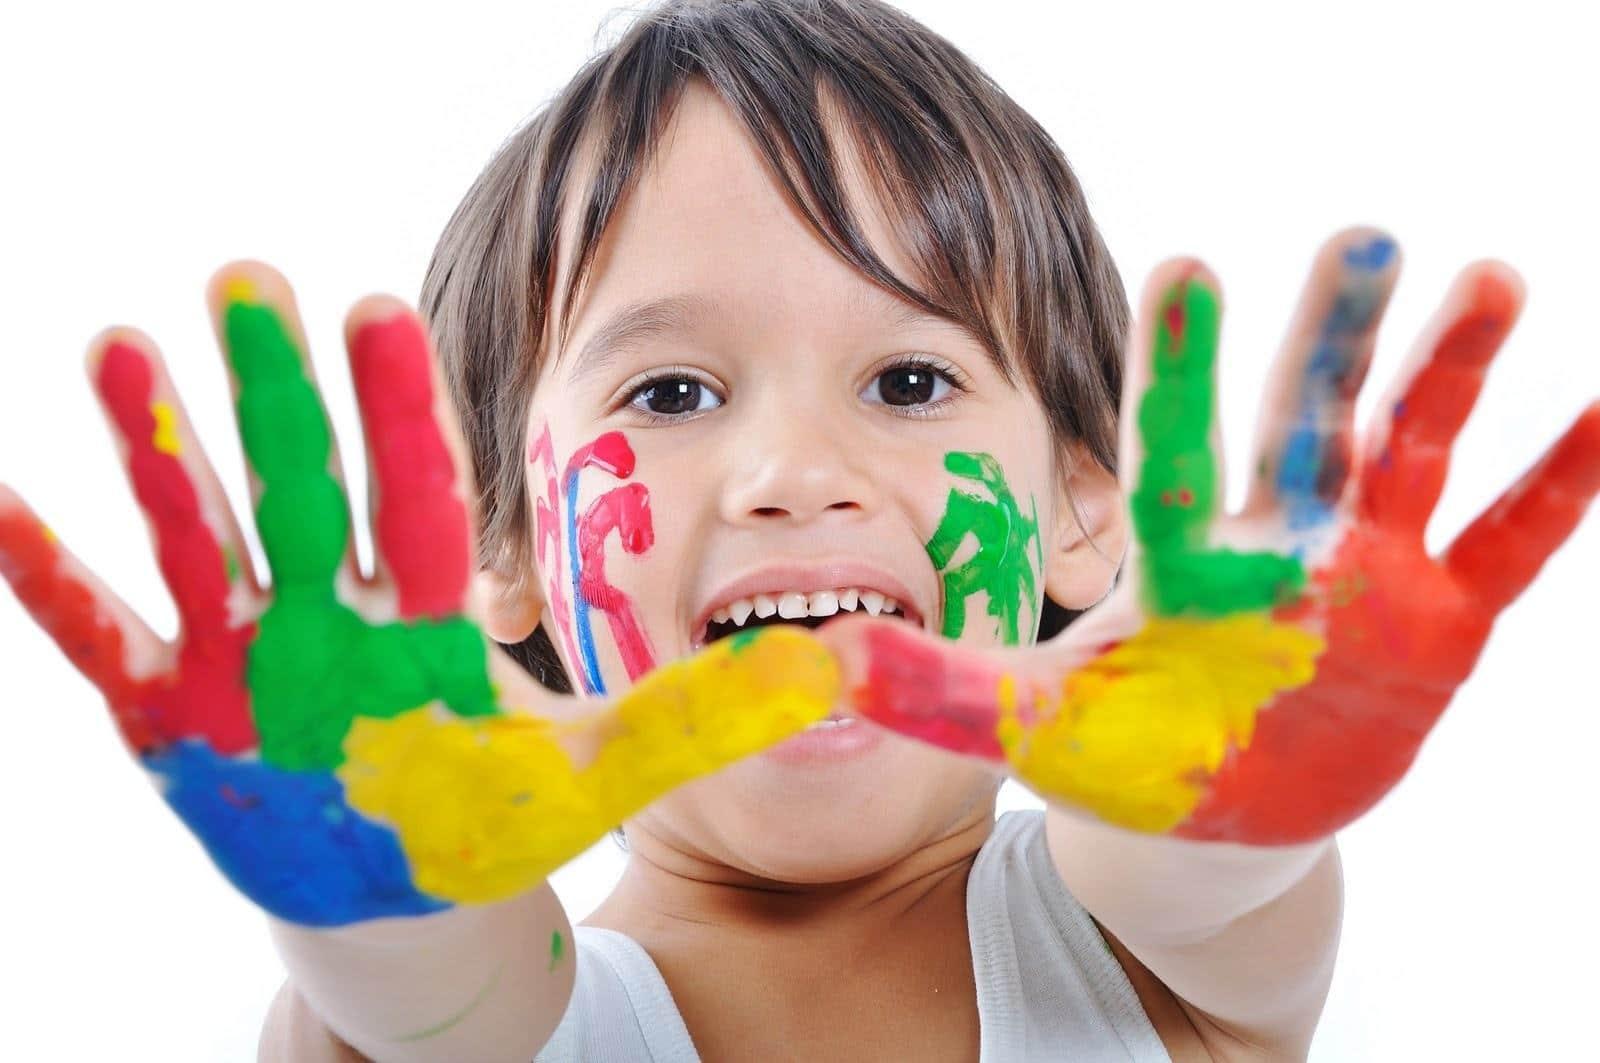 ocuklar İçin Oyun Terapisi Seval Hacım Kılıç1 - Çocuklar İçin Oyun Terapisi